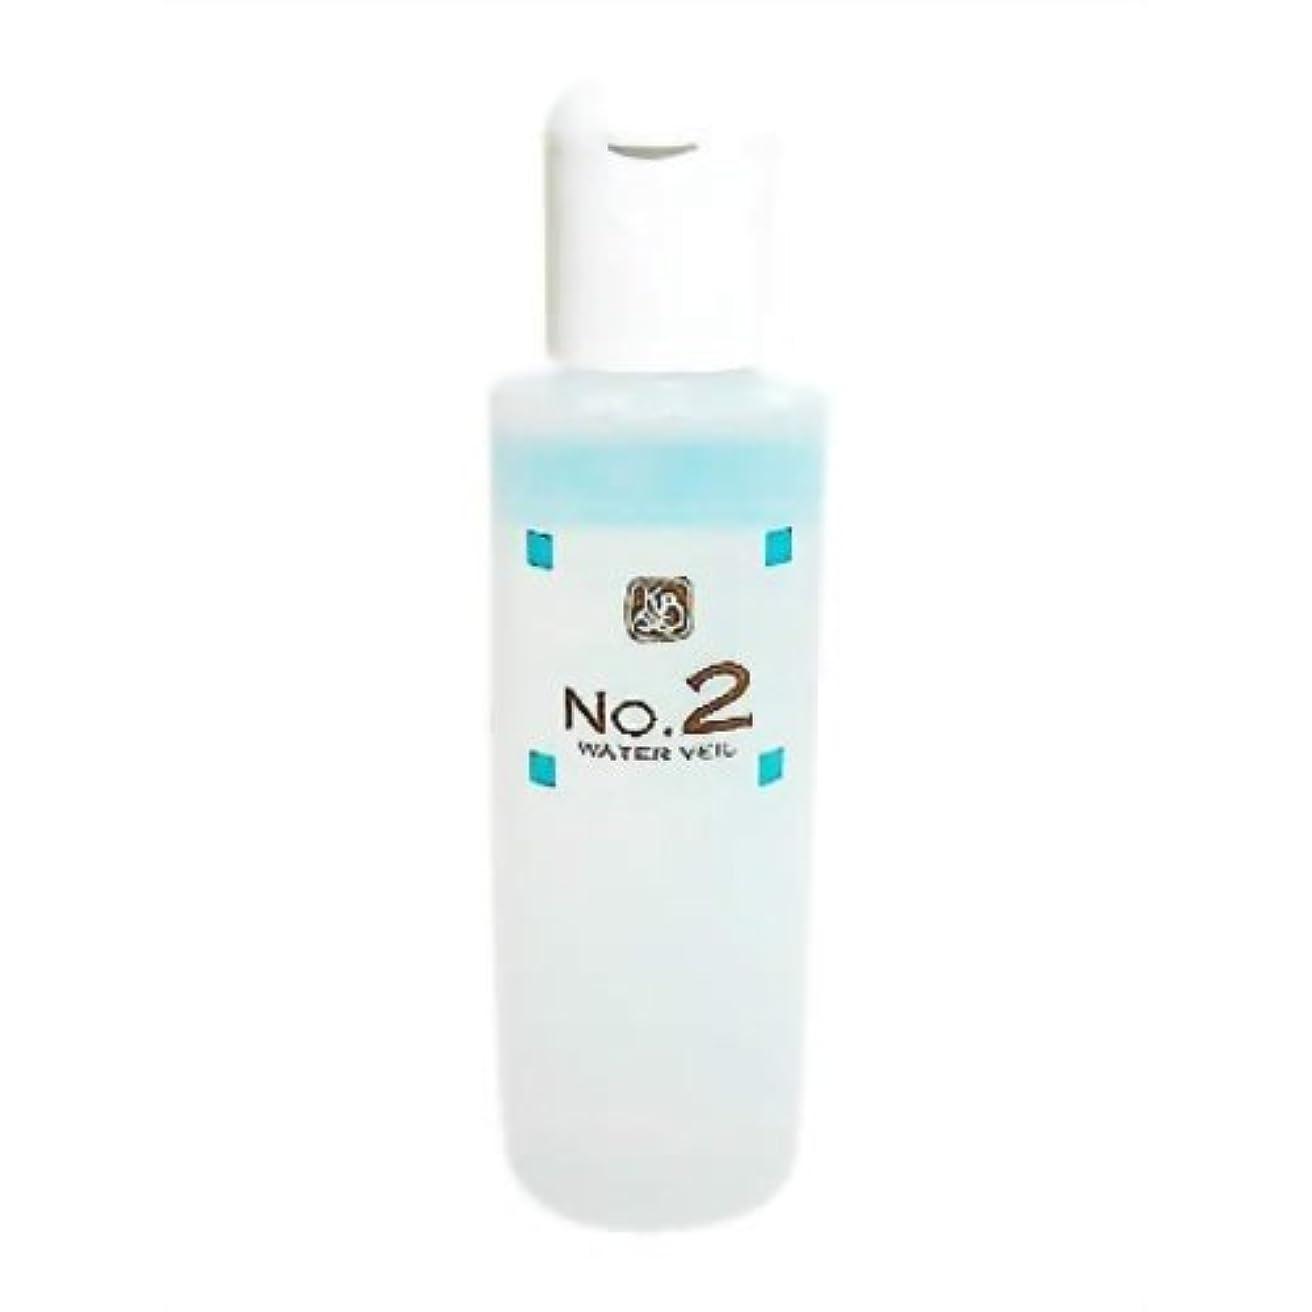 冷ややかな満足させるフォージ顔を洗う水シリーズ No.2 250ml